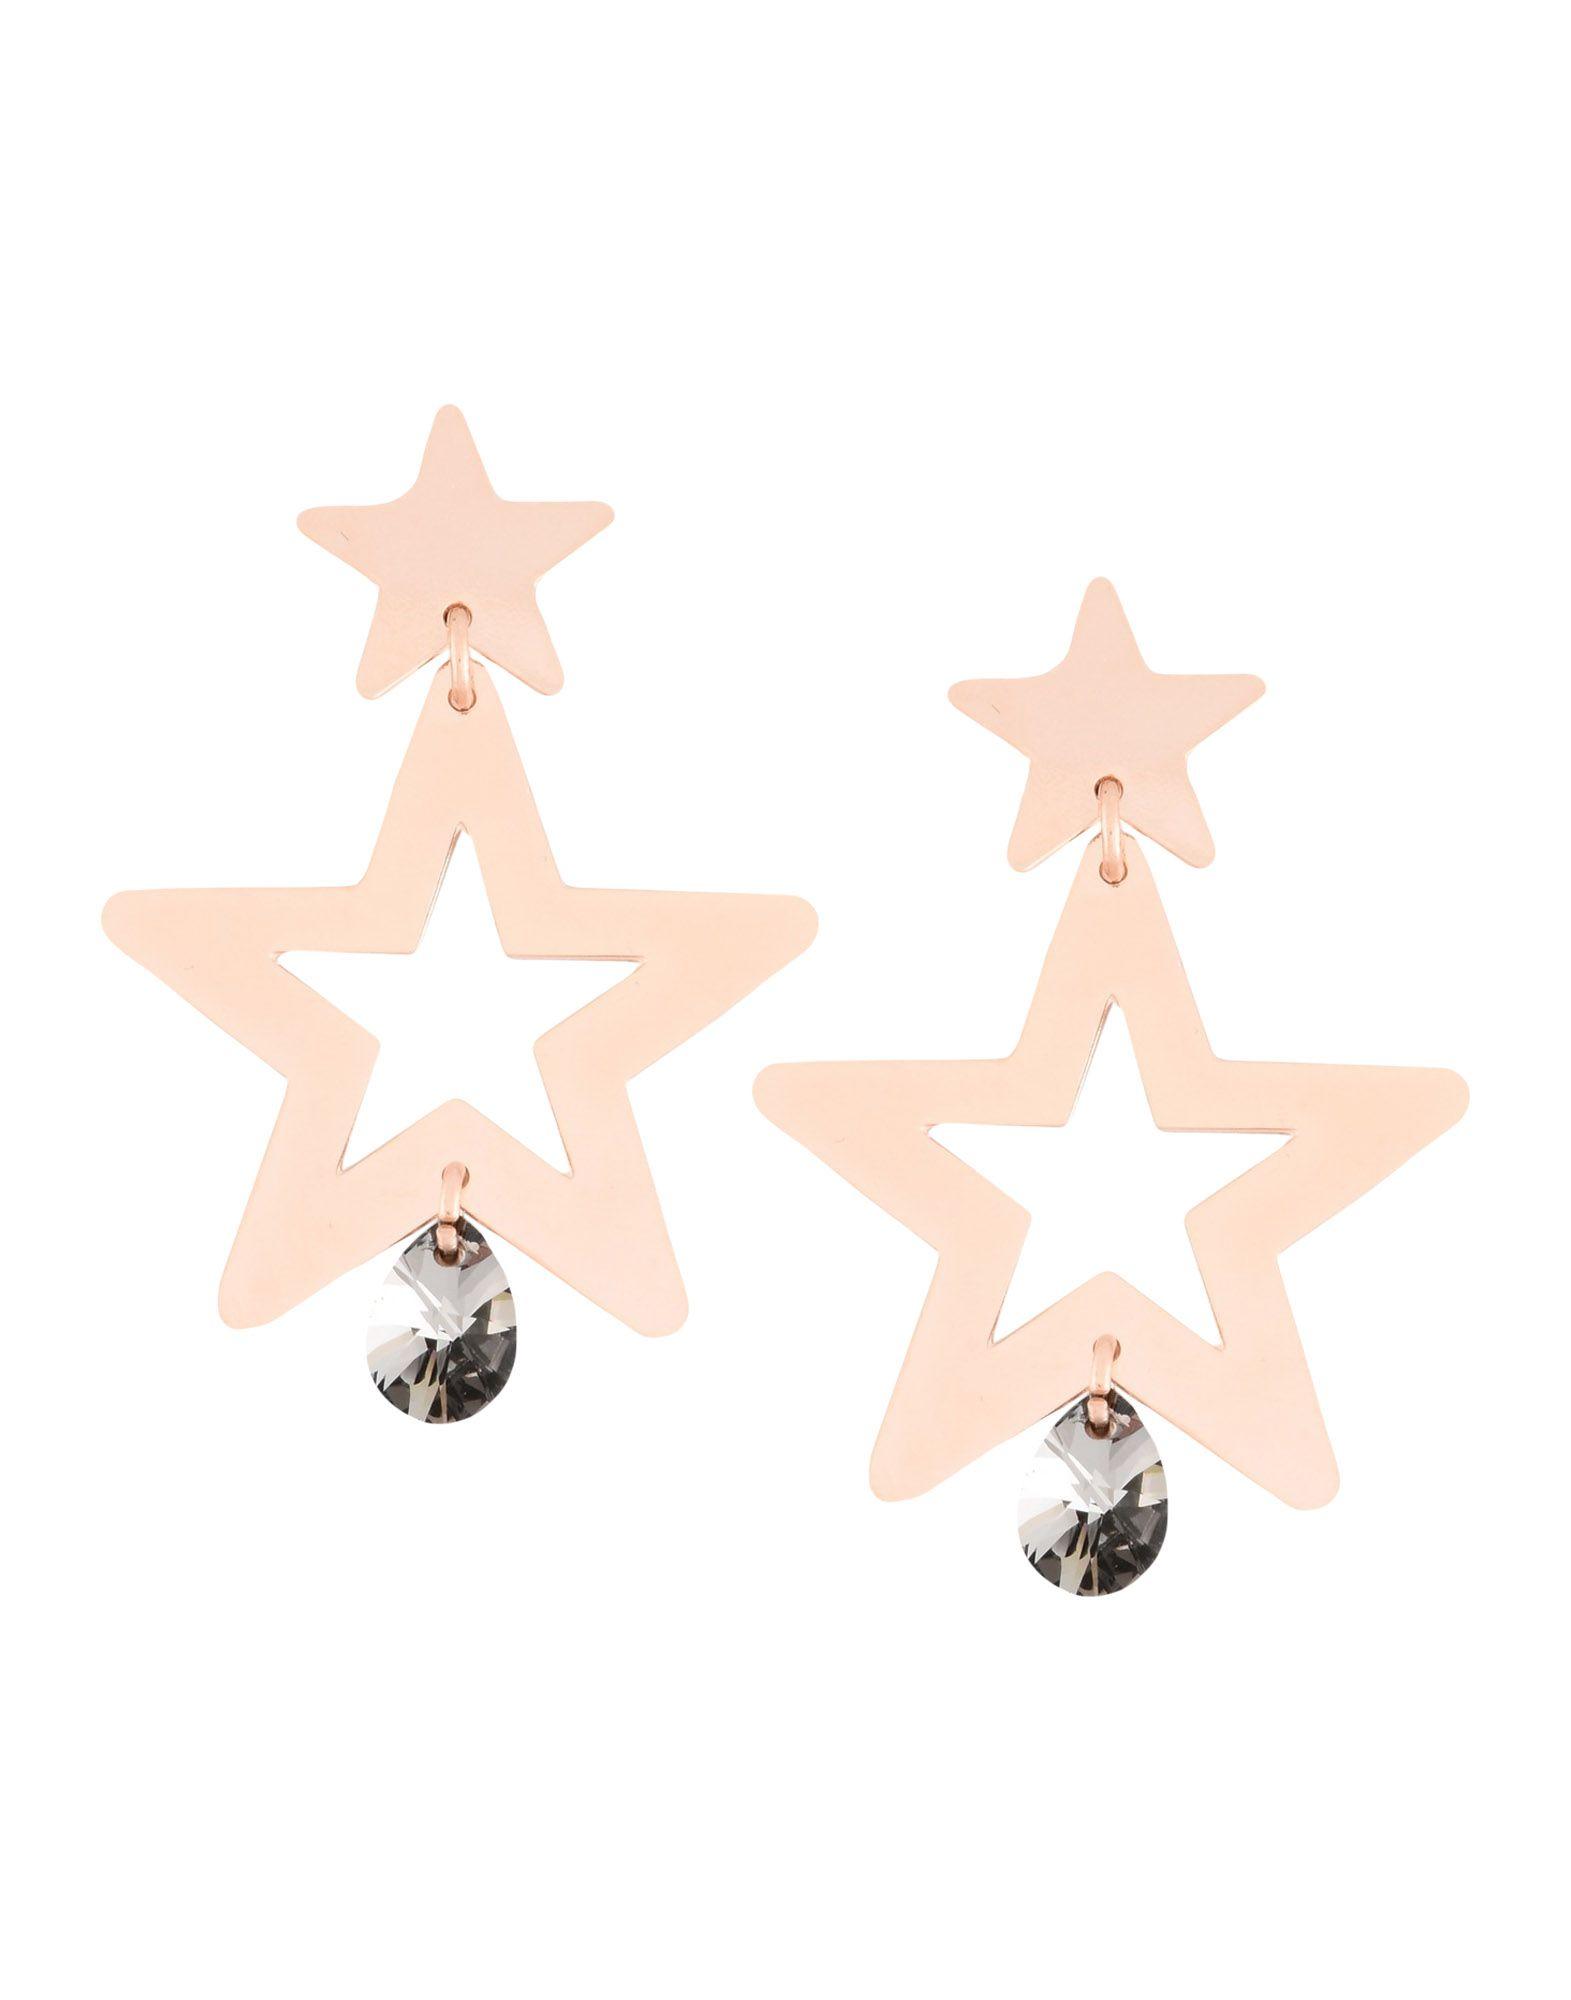 《期間限定セール開催中!》FIRST PEOPLE FIRST レディース イヤリング カッパー 真鍮/ブラス / スワロフスキー ORECCHINI-LOVE-STAR